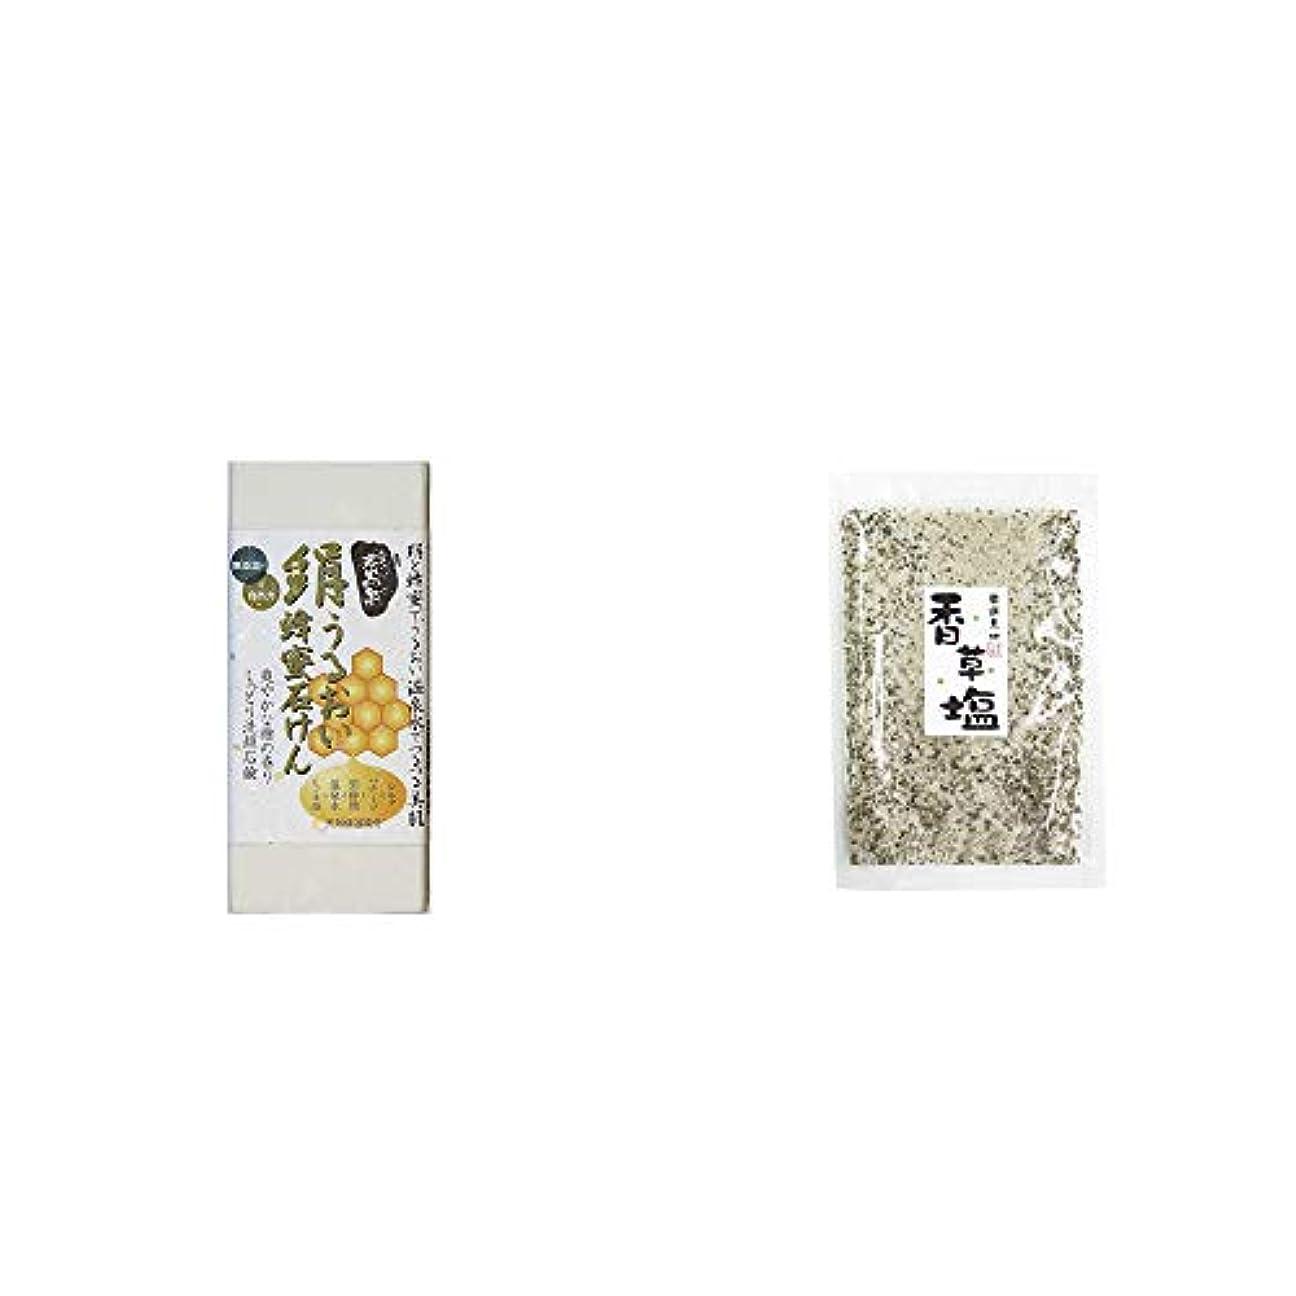 より良い硬さ廊下[2点セット] ひのき炭黒泉 絹うるおい蜂蜜石けん(75g×2)?香草塩 [袋タイプ](100g)